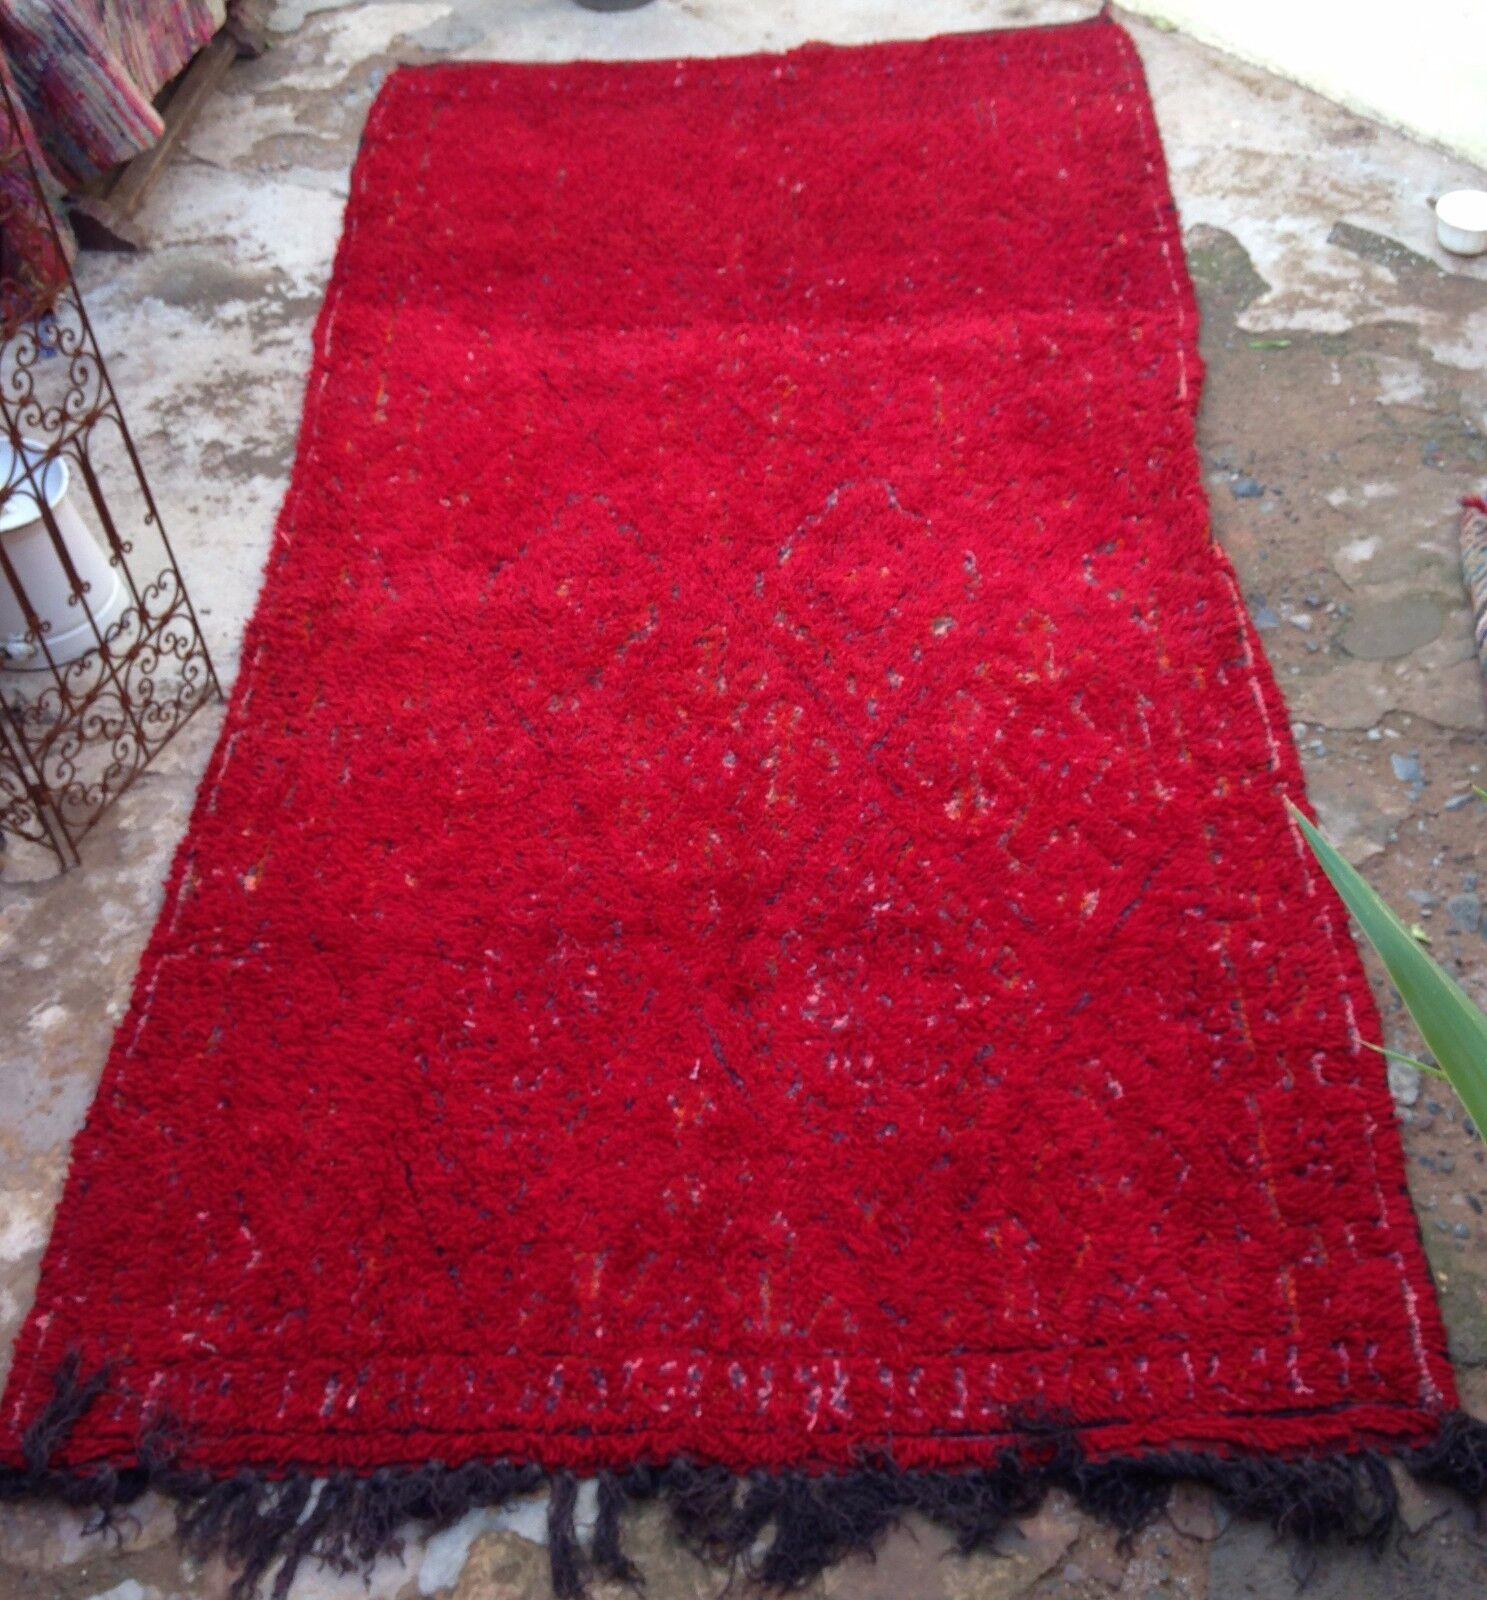 Marroquí rojo Beni mguild Ziane Tribal Alfombra 363 X 183cm 11ft11 X 6ft